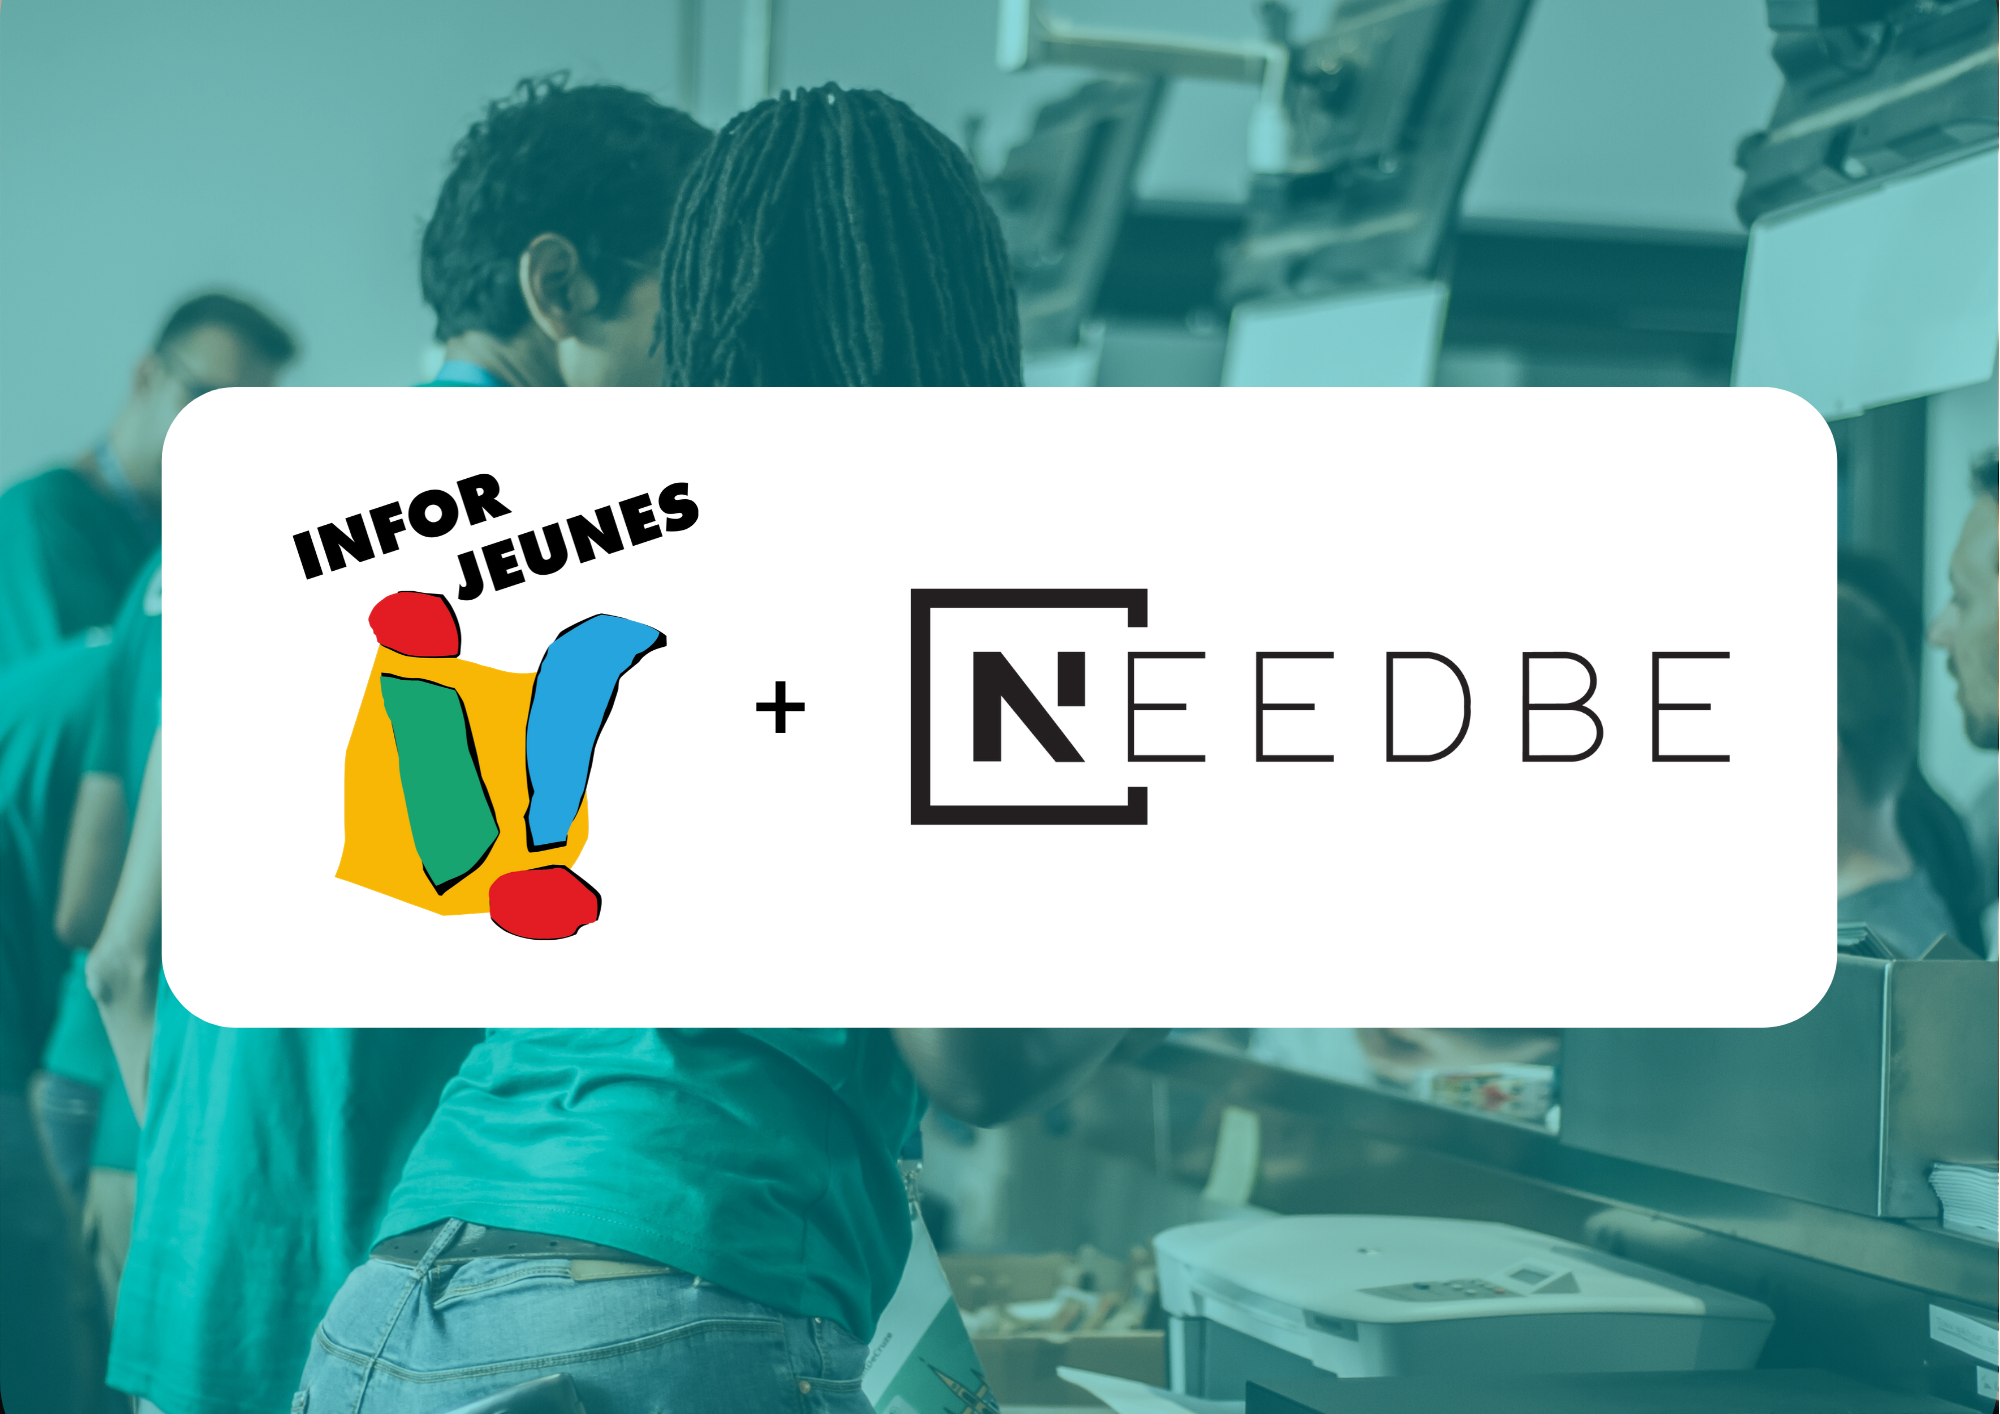 Needbe et Infor Jeunes : le super binôme du job étudiant !